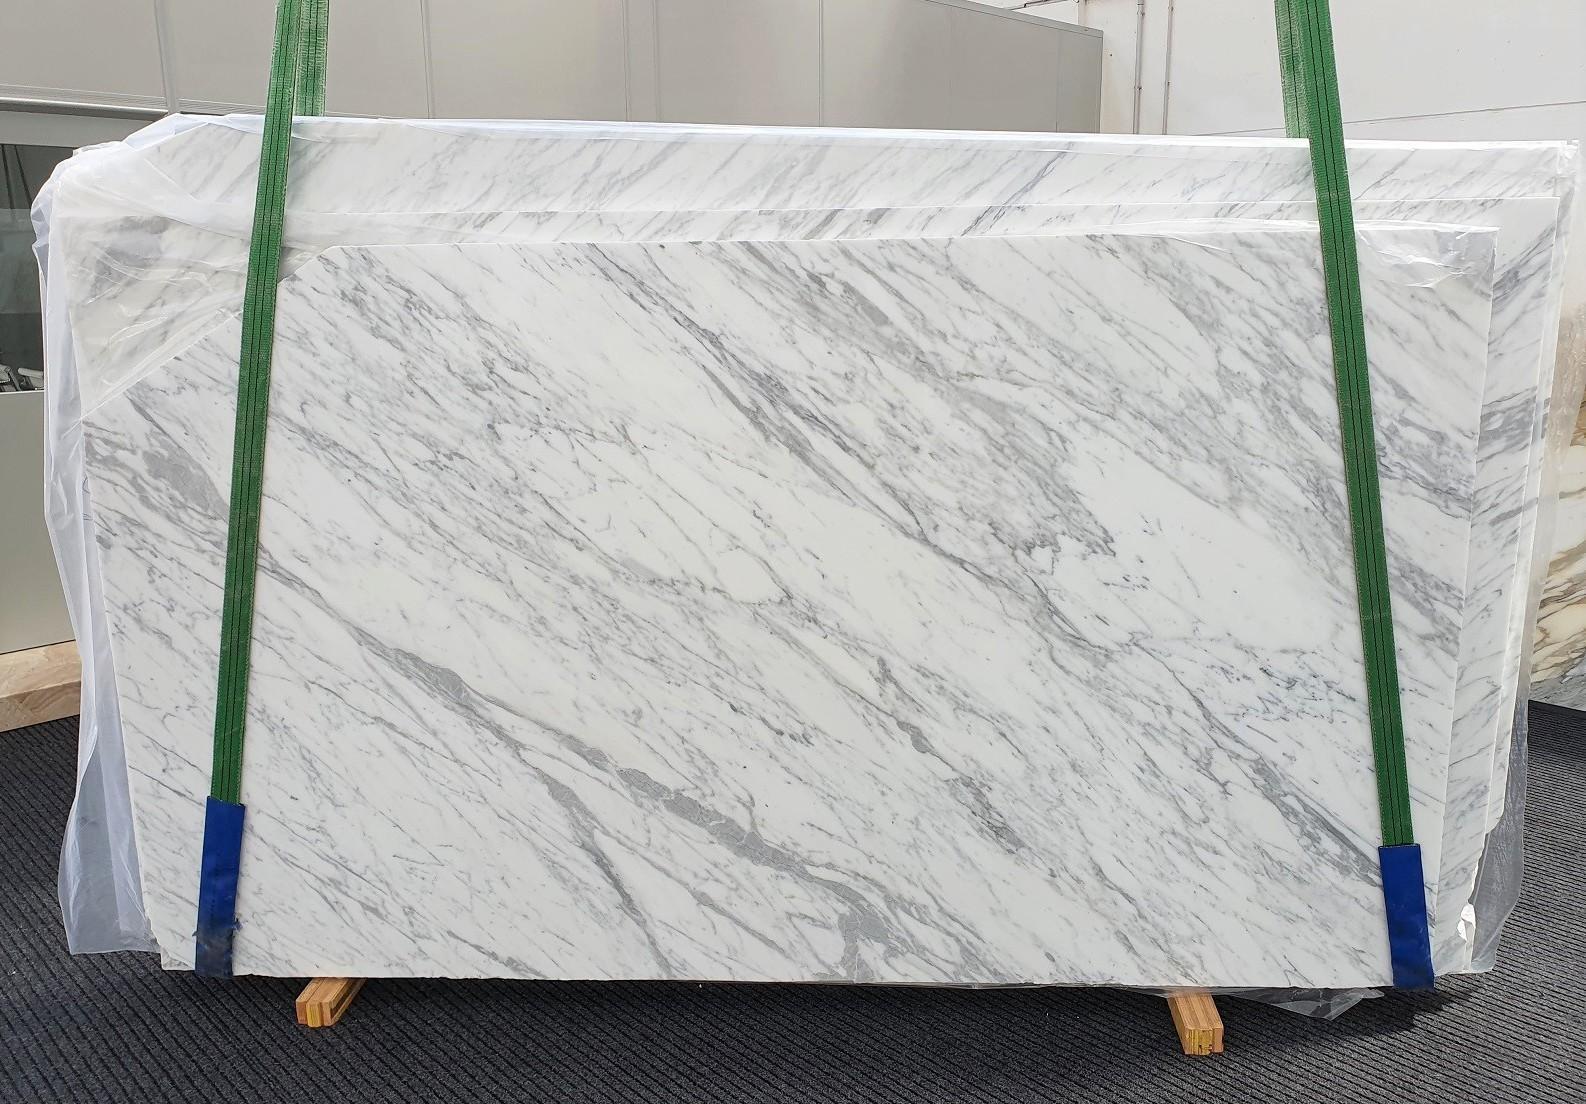 CALACATTA CARRARA Fornitura Veneto (Italia) di lastre grezze levigate in marmo naturale #1370 , Slab #01